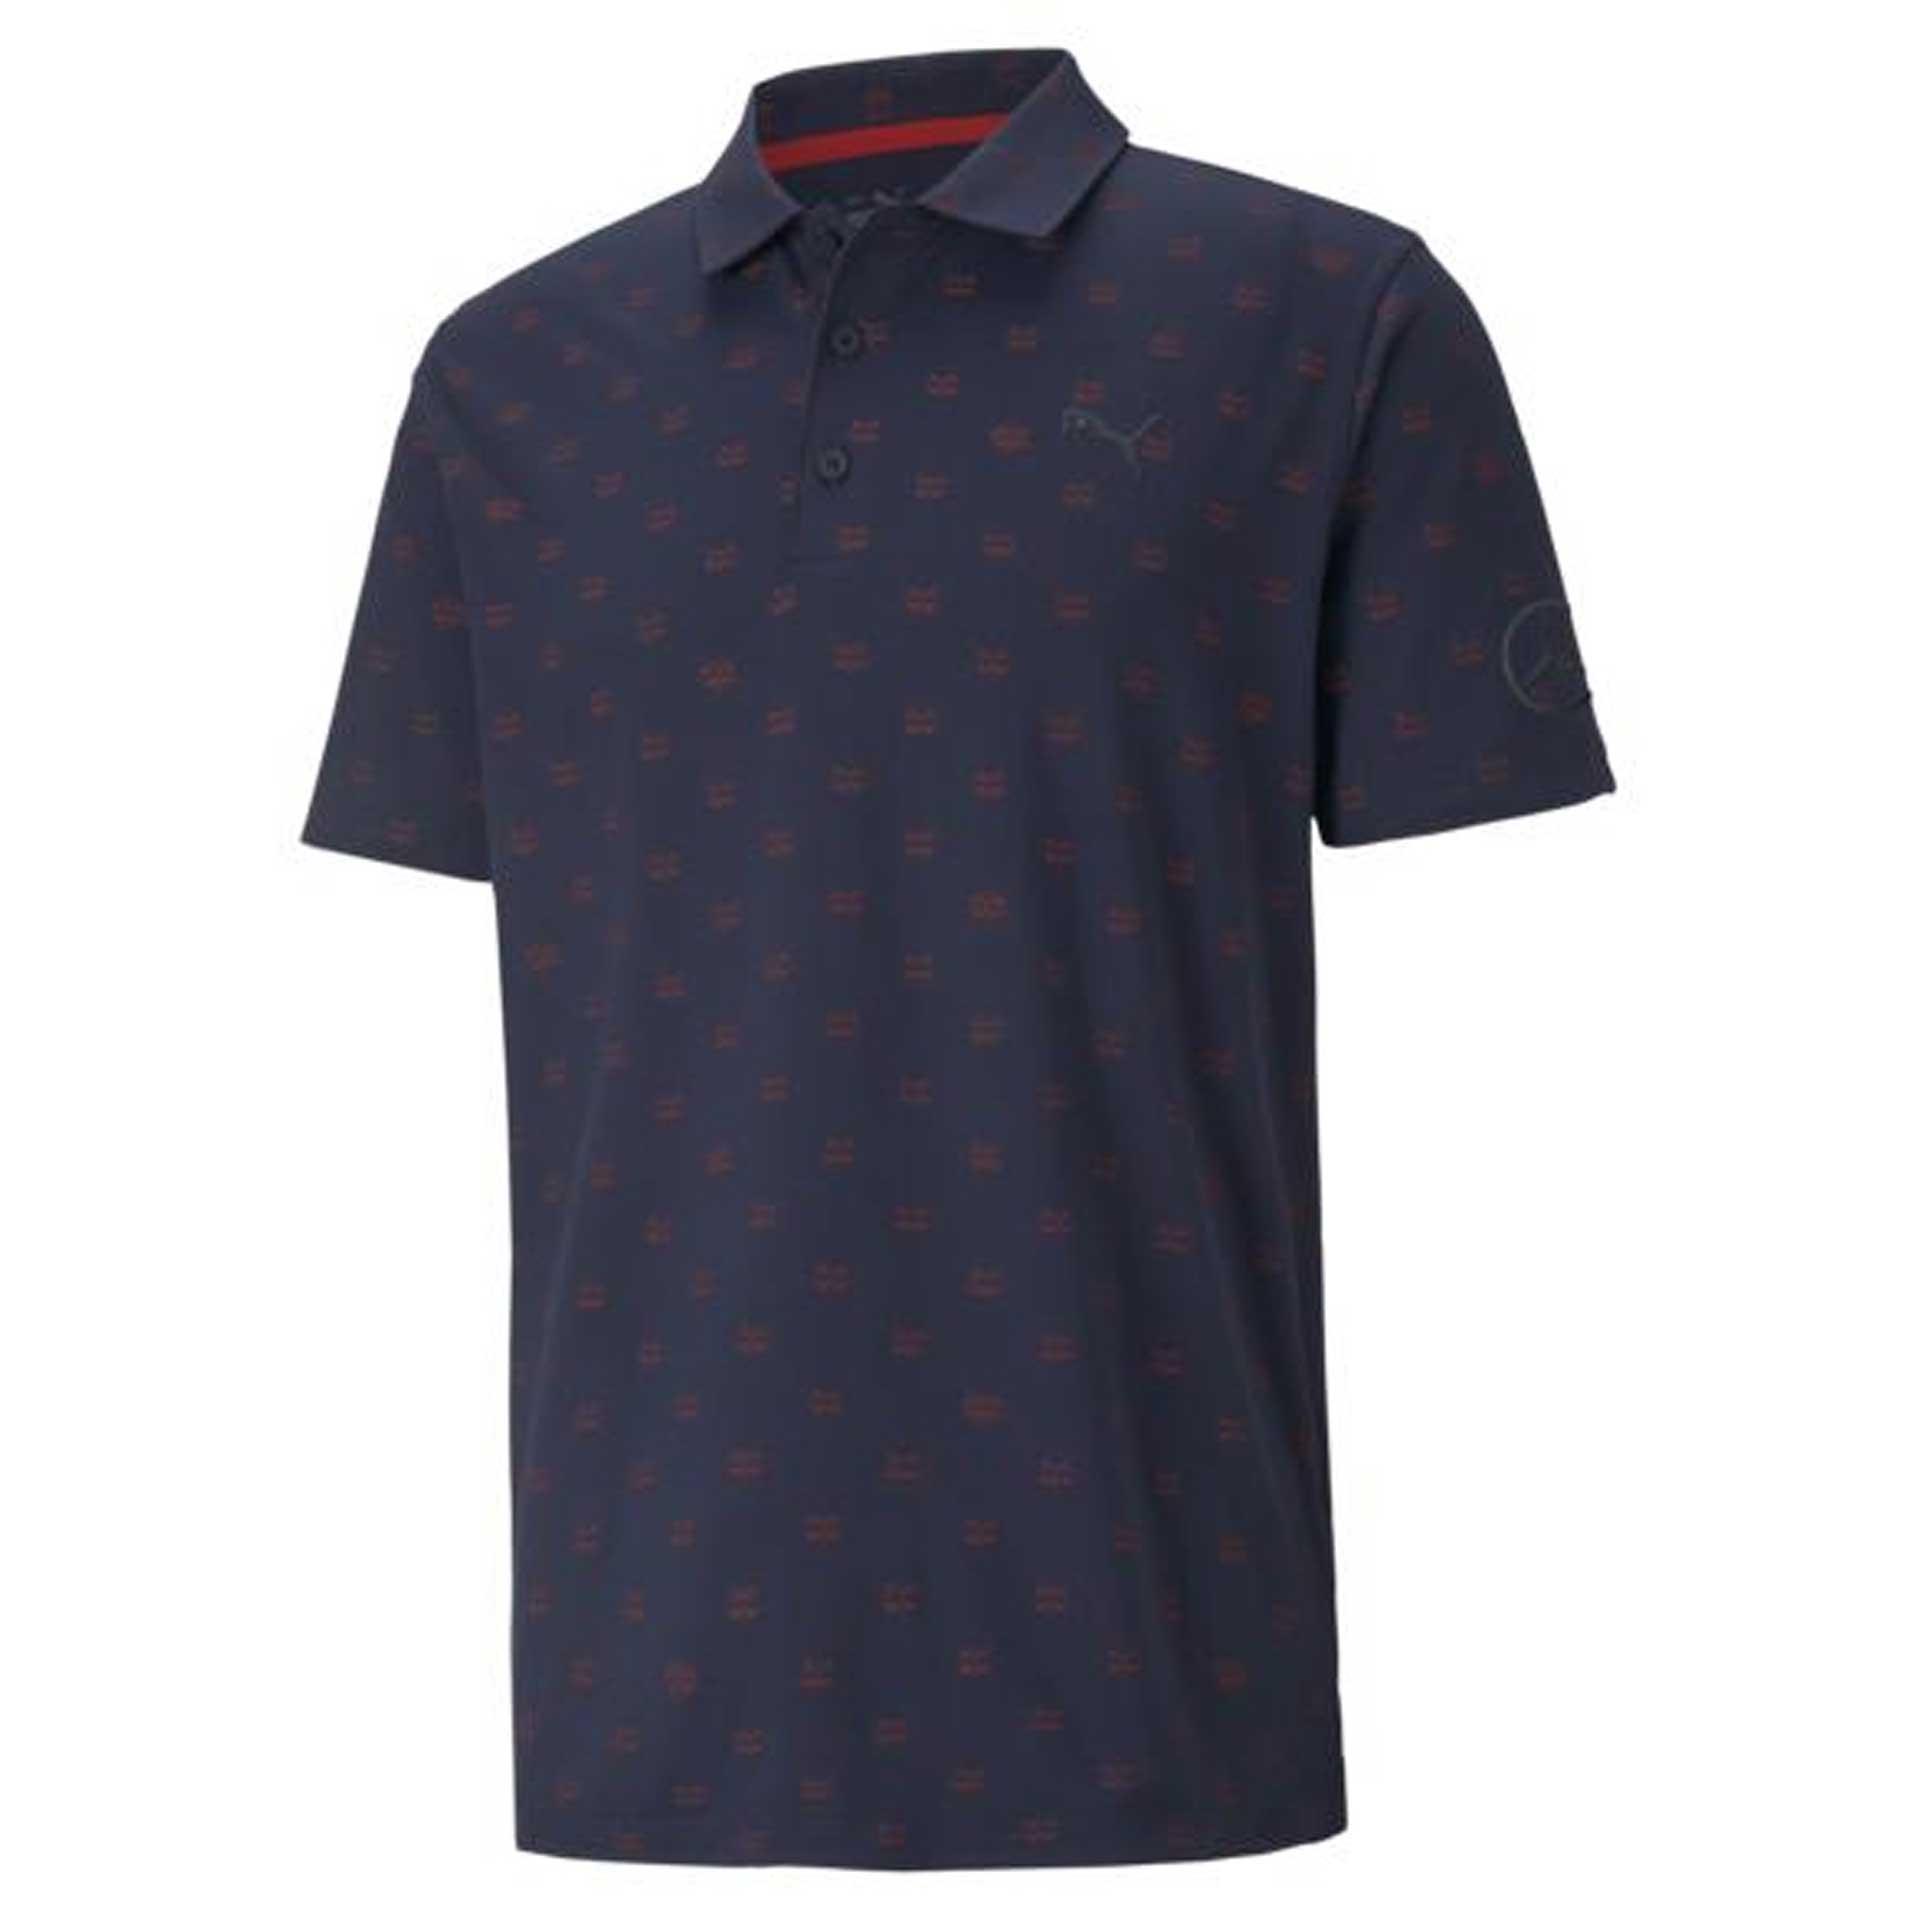 Mercedes-Benz Golf-Poloshirt Größe S Herren navy by PUMA Poloshirt